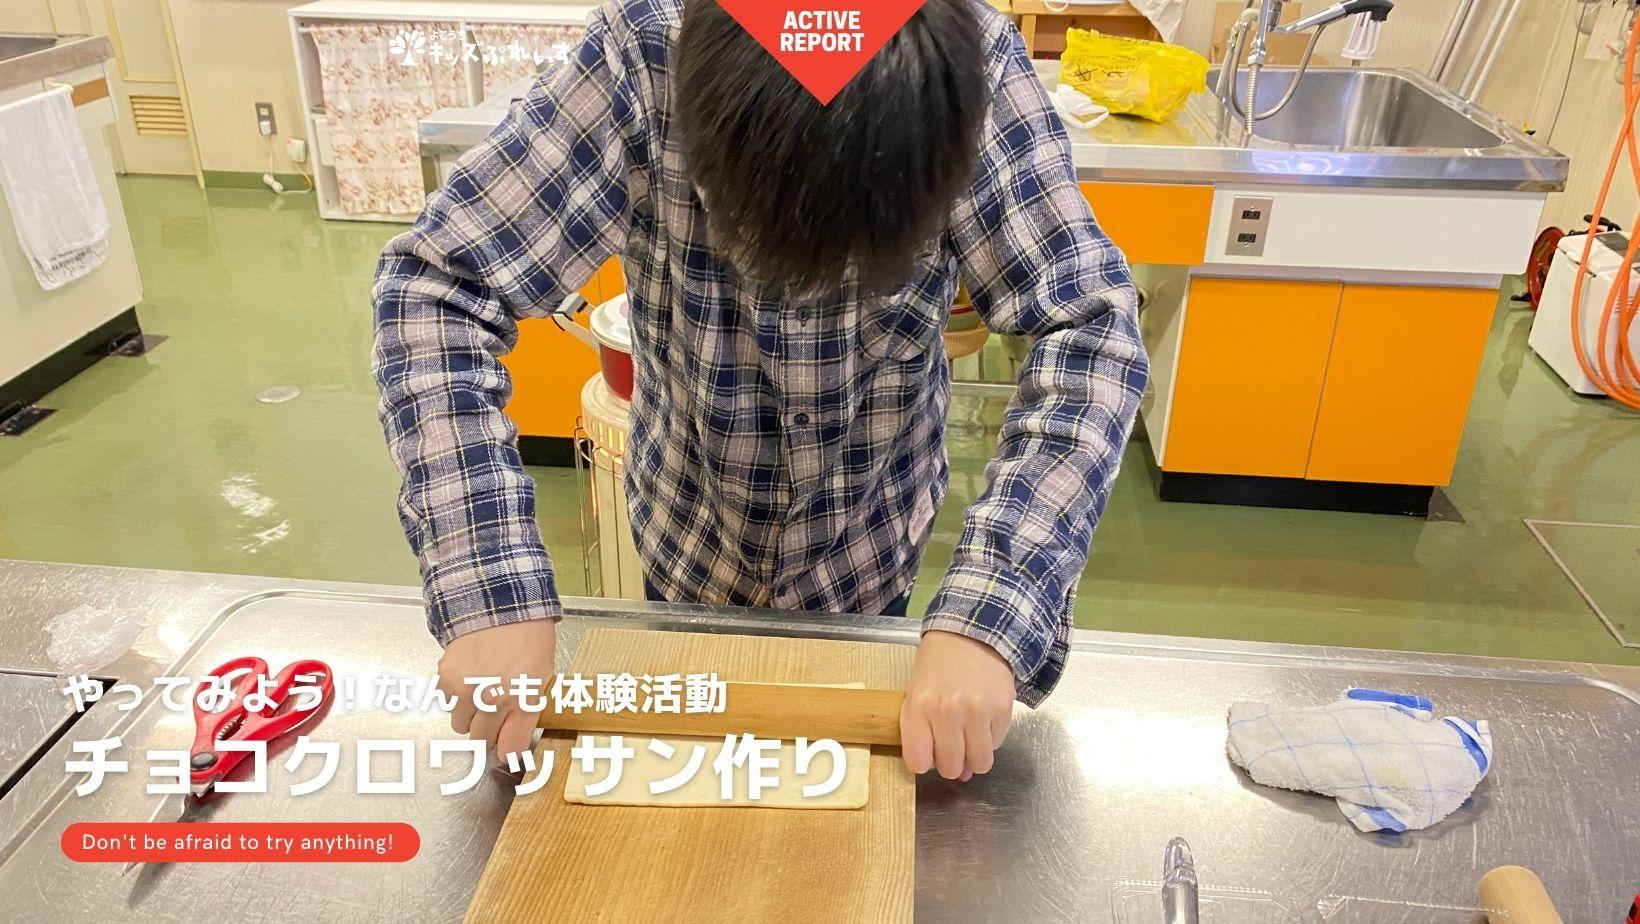 【活動報告】チョコクロワッサン作り/キッズぷれいすの子ども食堂